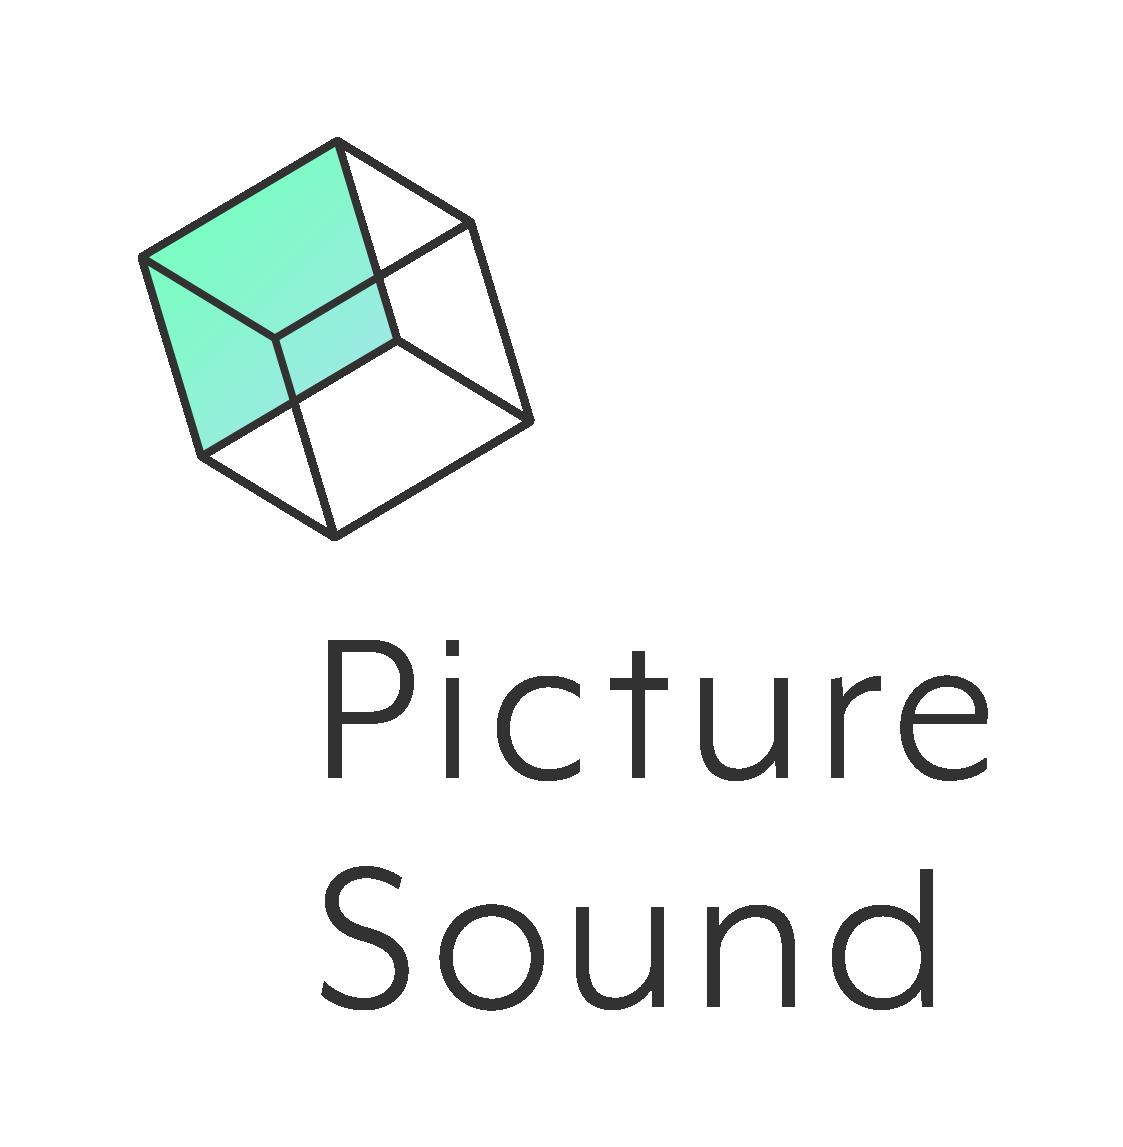 PictureSound_logo_v@2x